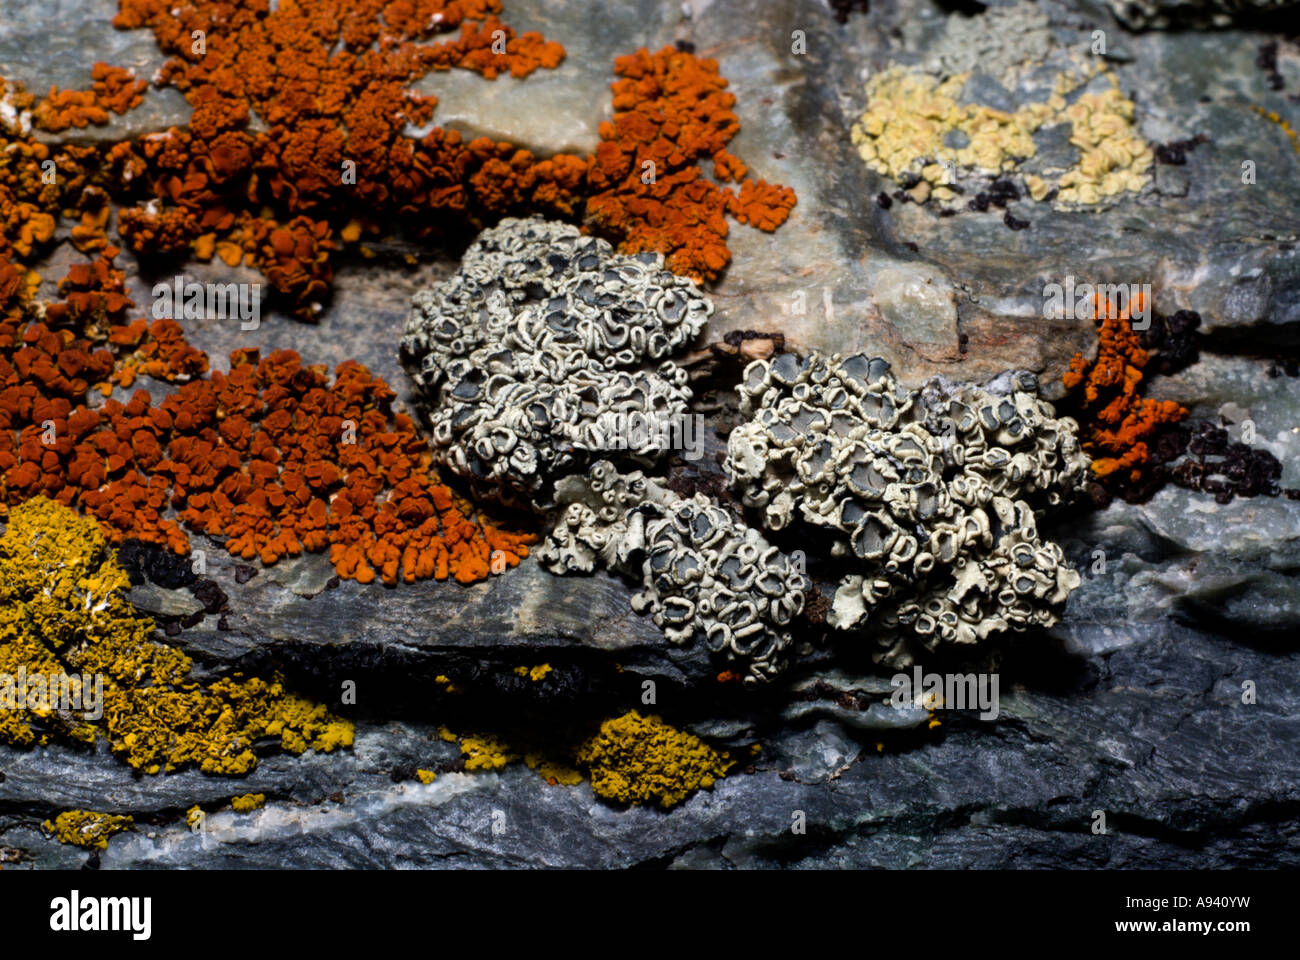 Macro Image of Lichen, Perito Moreno National Park, Southern Andean Patagonia, Santa Cruz, Argentina - Stock Image